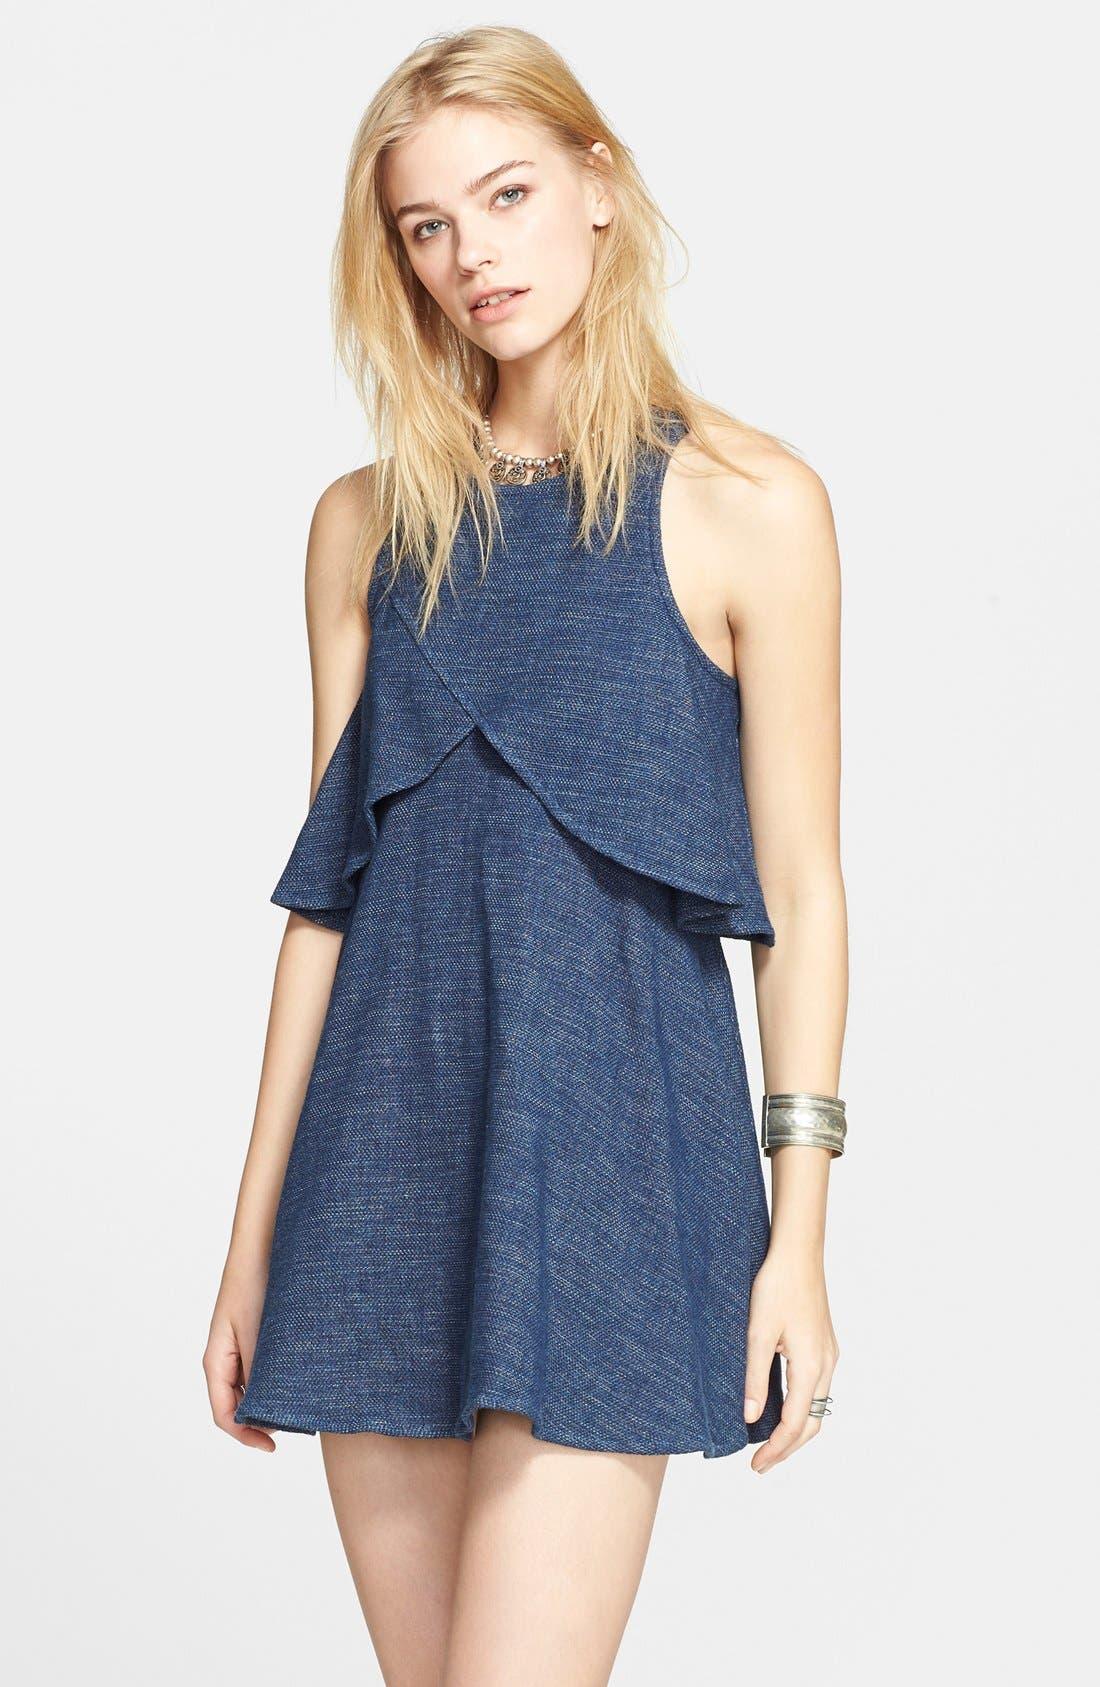 Alternate Image 1 Selected - Free People 'Sapphire' Flyaway Dress